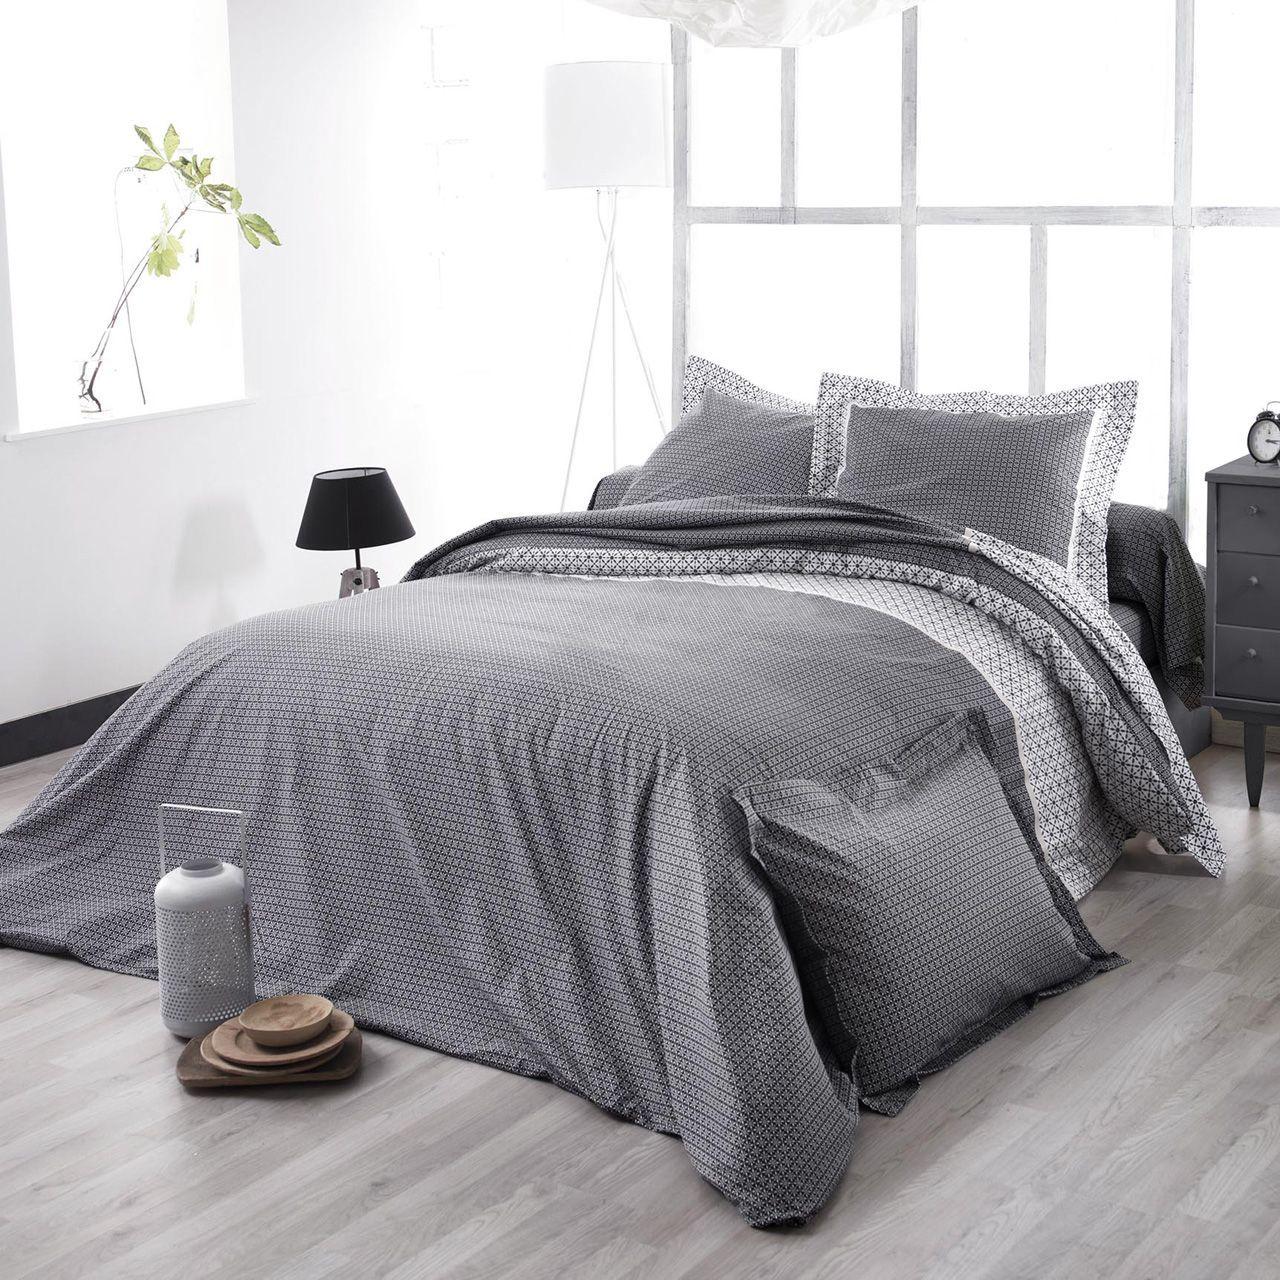 Parure de lit wesley noir satin de coton hc 260x240 2to tradilinge - Parure de lit en satin de coton ...